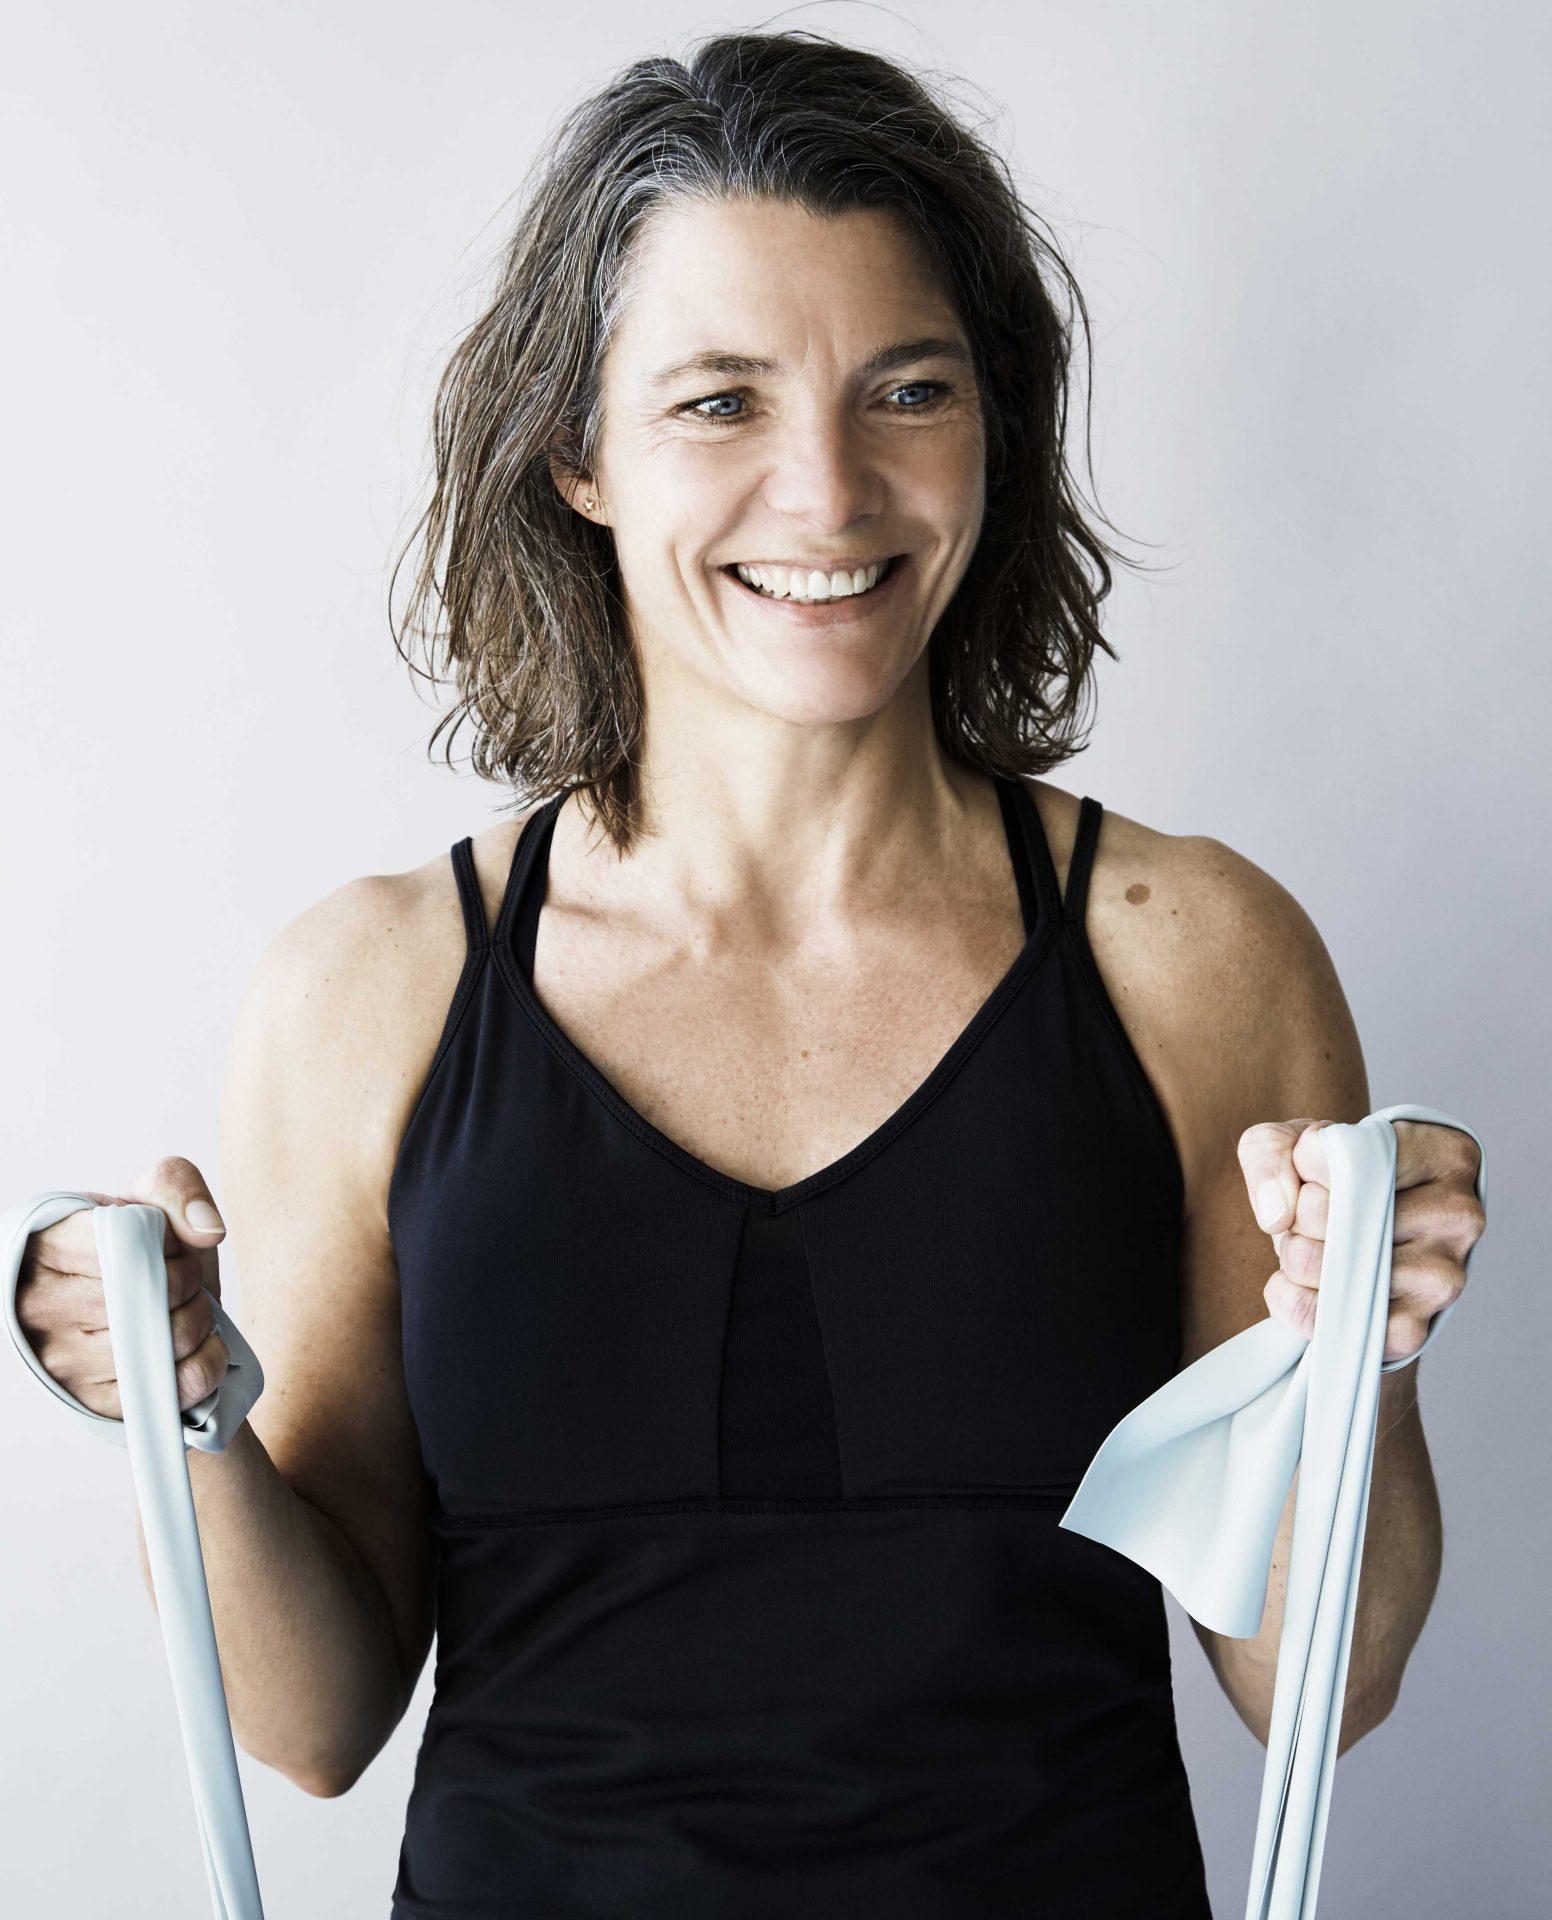 Heidi - Uddannet fysioterapeut - 25 års erfaring som idrætsinstruktør.